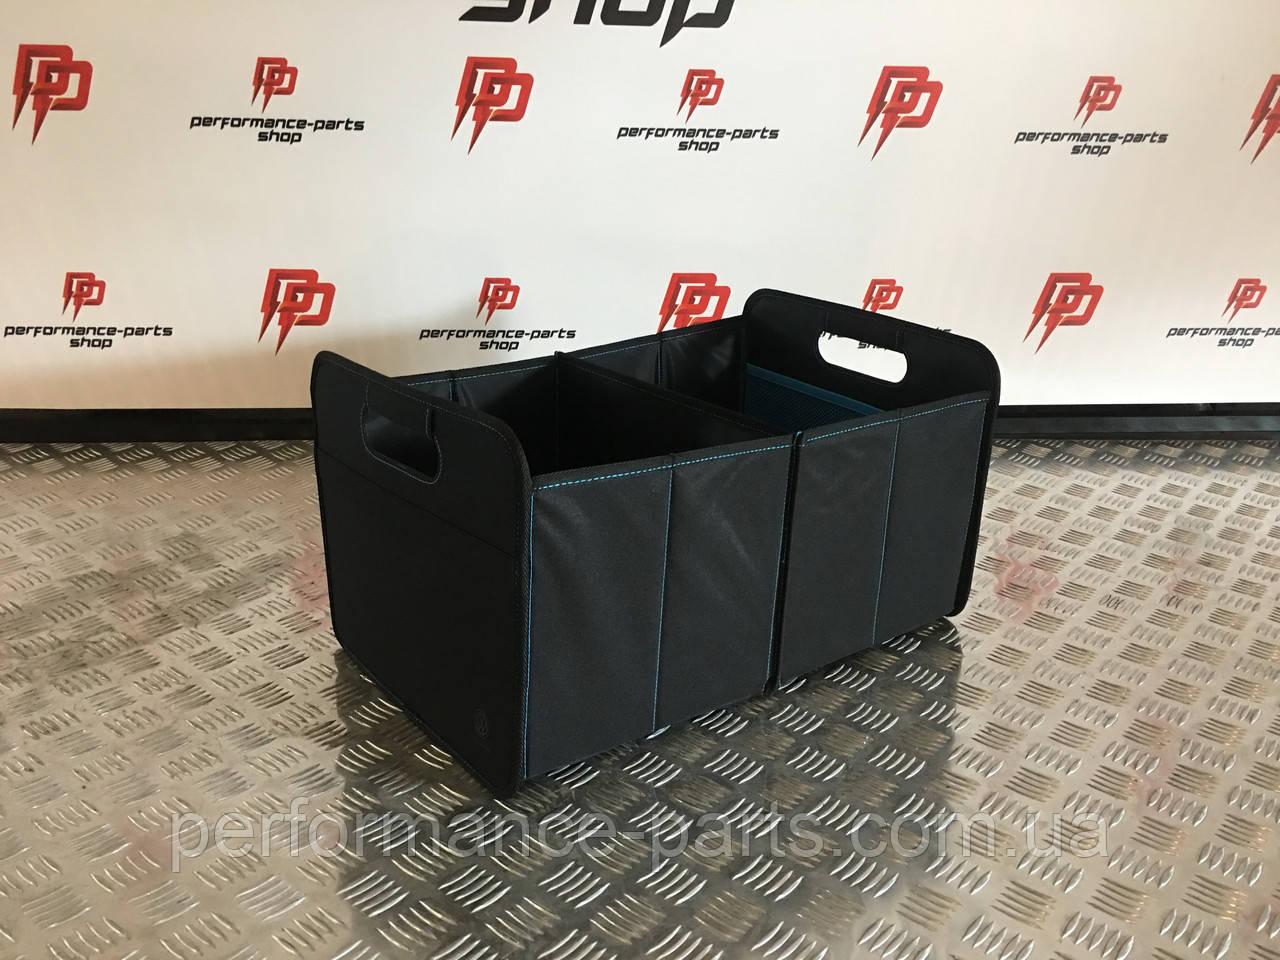 Органайзер багажника Volkswagen Faltbox, 33D061104, Оригинал. Черного цвета.